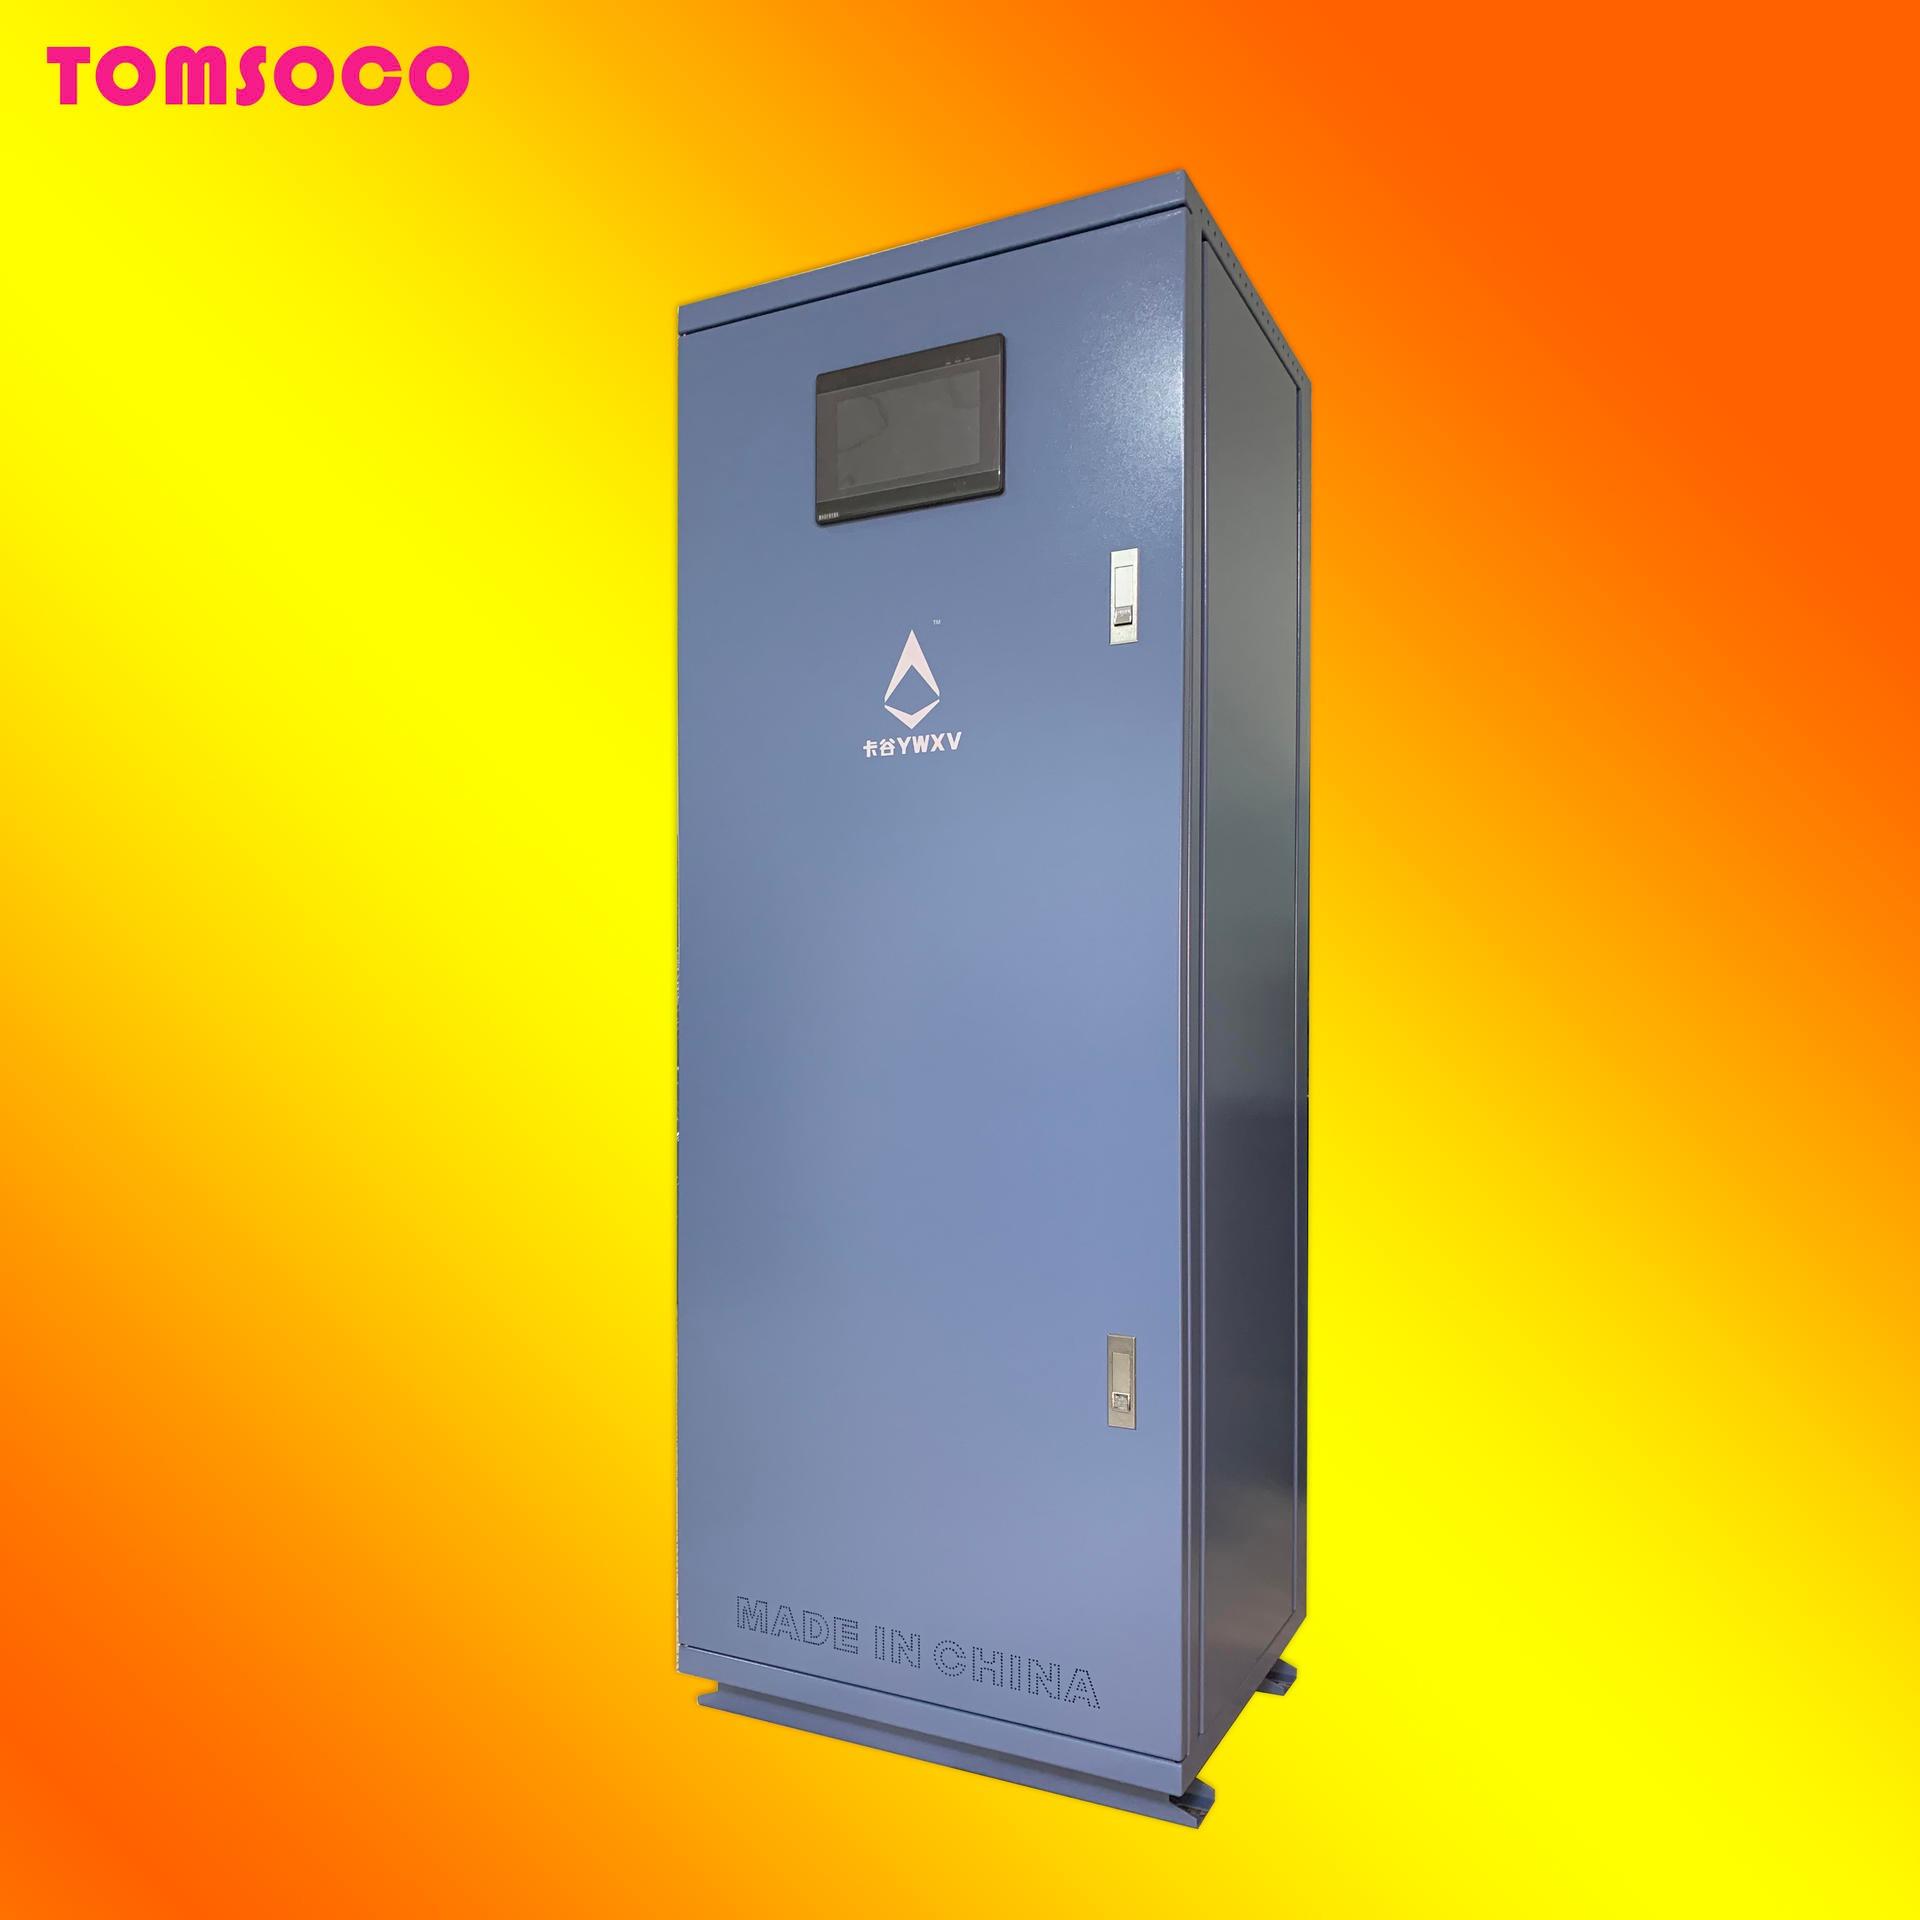 東莞托姆 空壓機熱利用20-500匹 0元購空壓機余熱回收機 經久耐用、超長保修 空壓機熱交換器 生產廠家